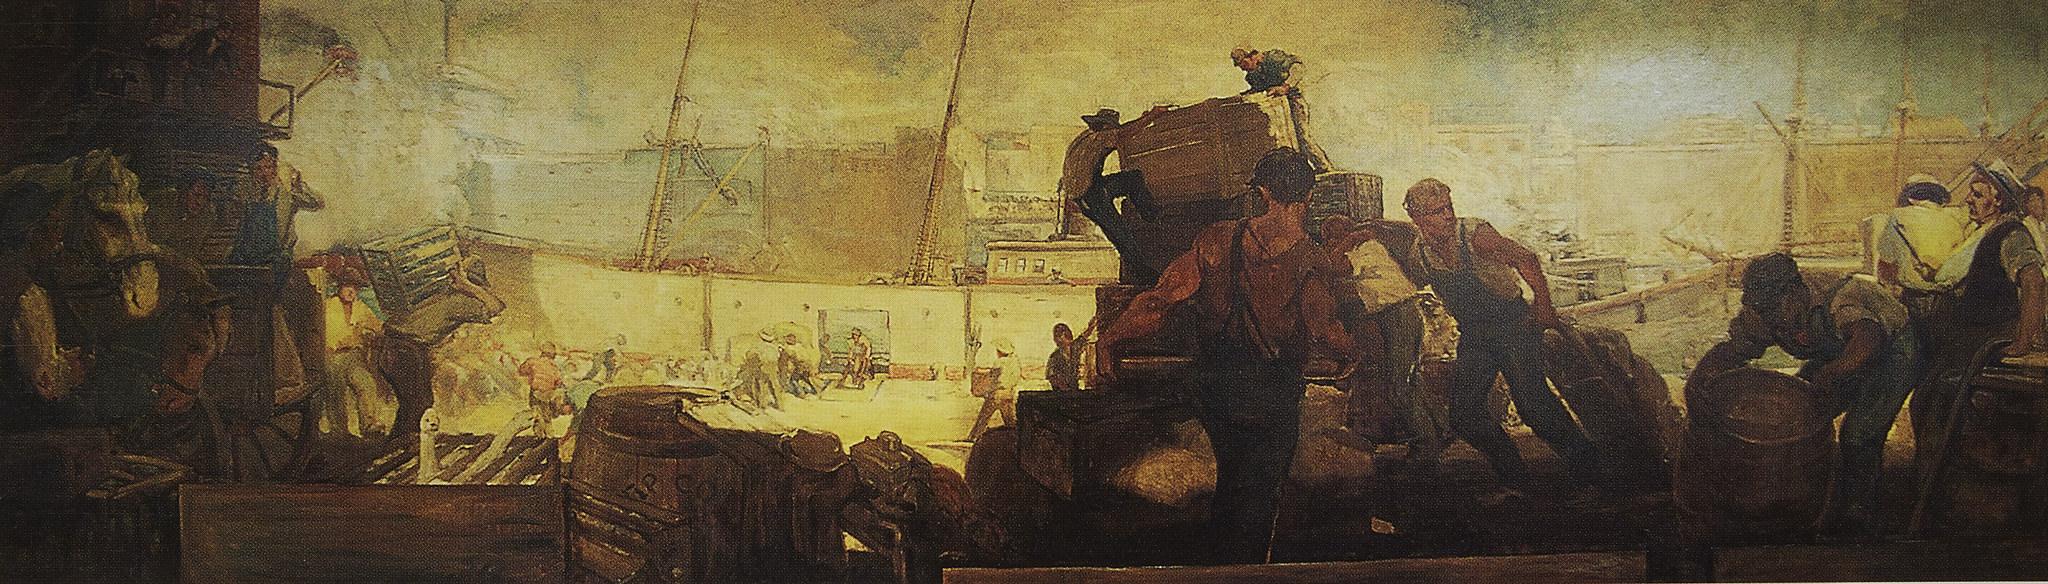 William E. Scott  Dock Scene,  1909. Oil on canvas, 5' x 18'.